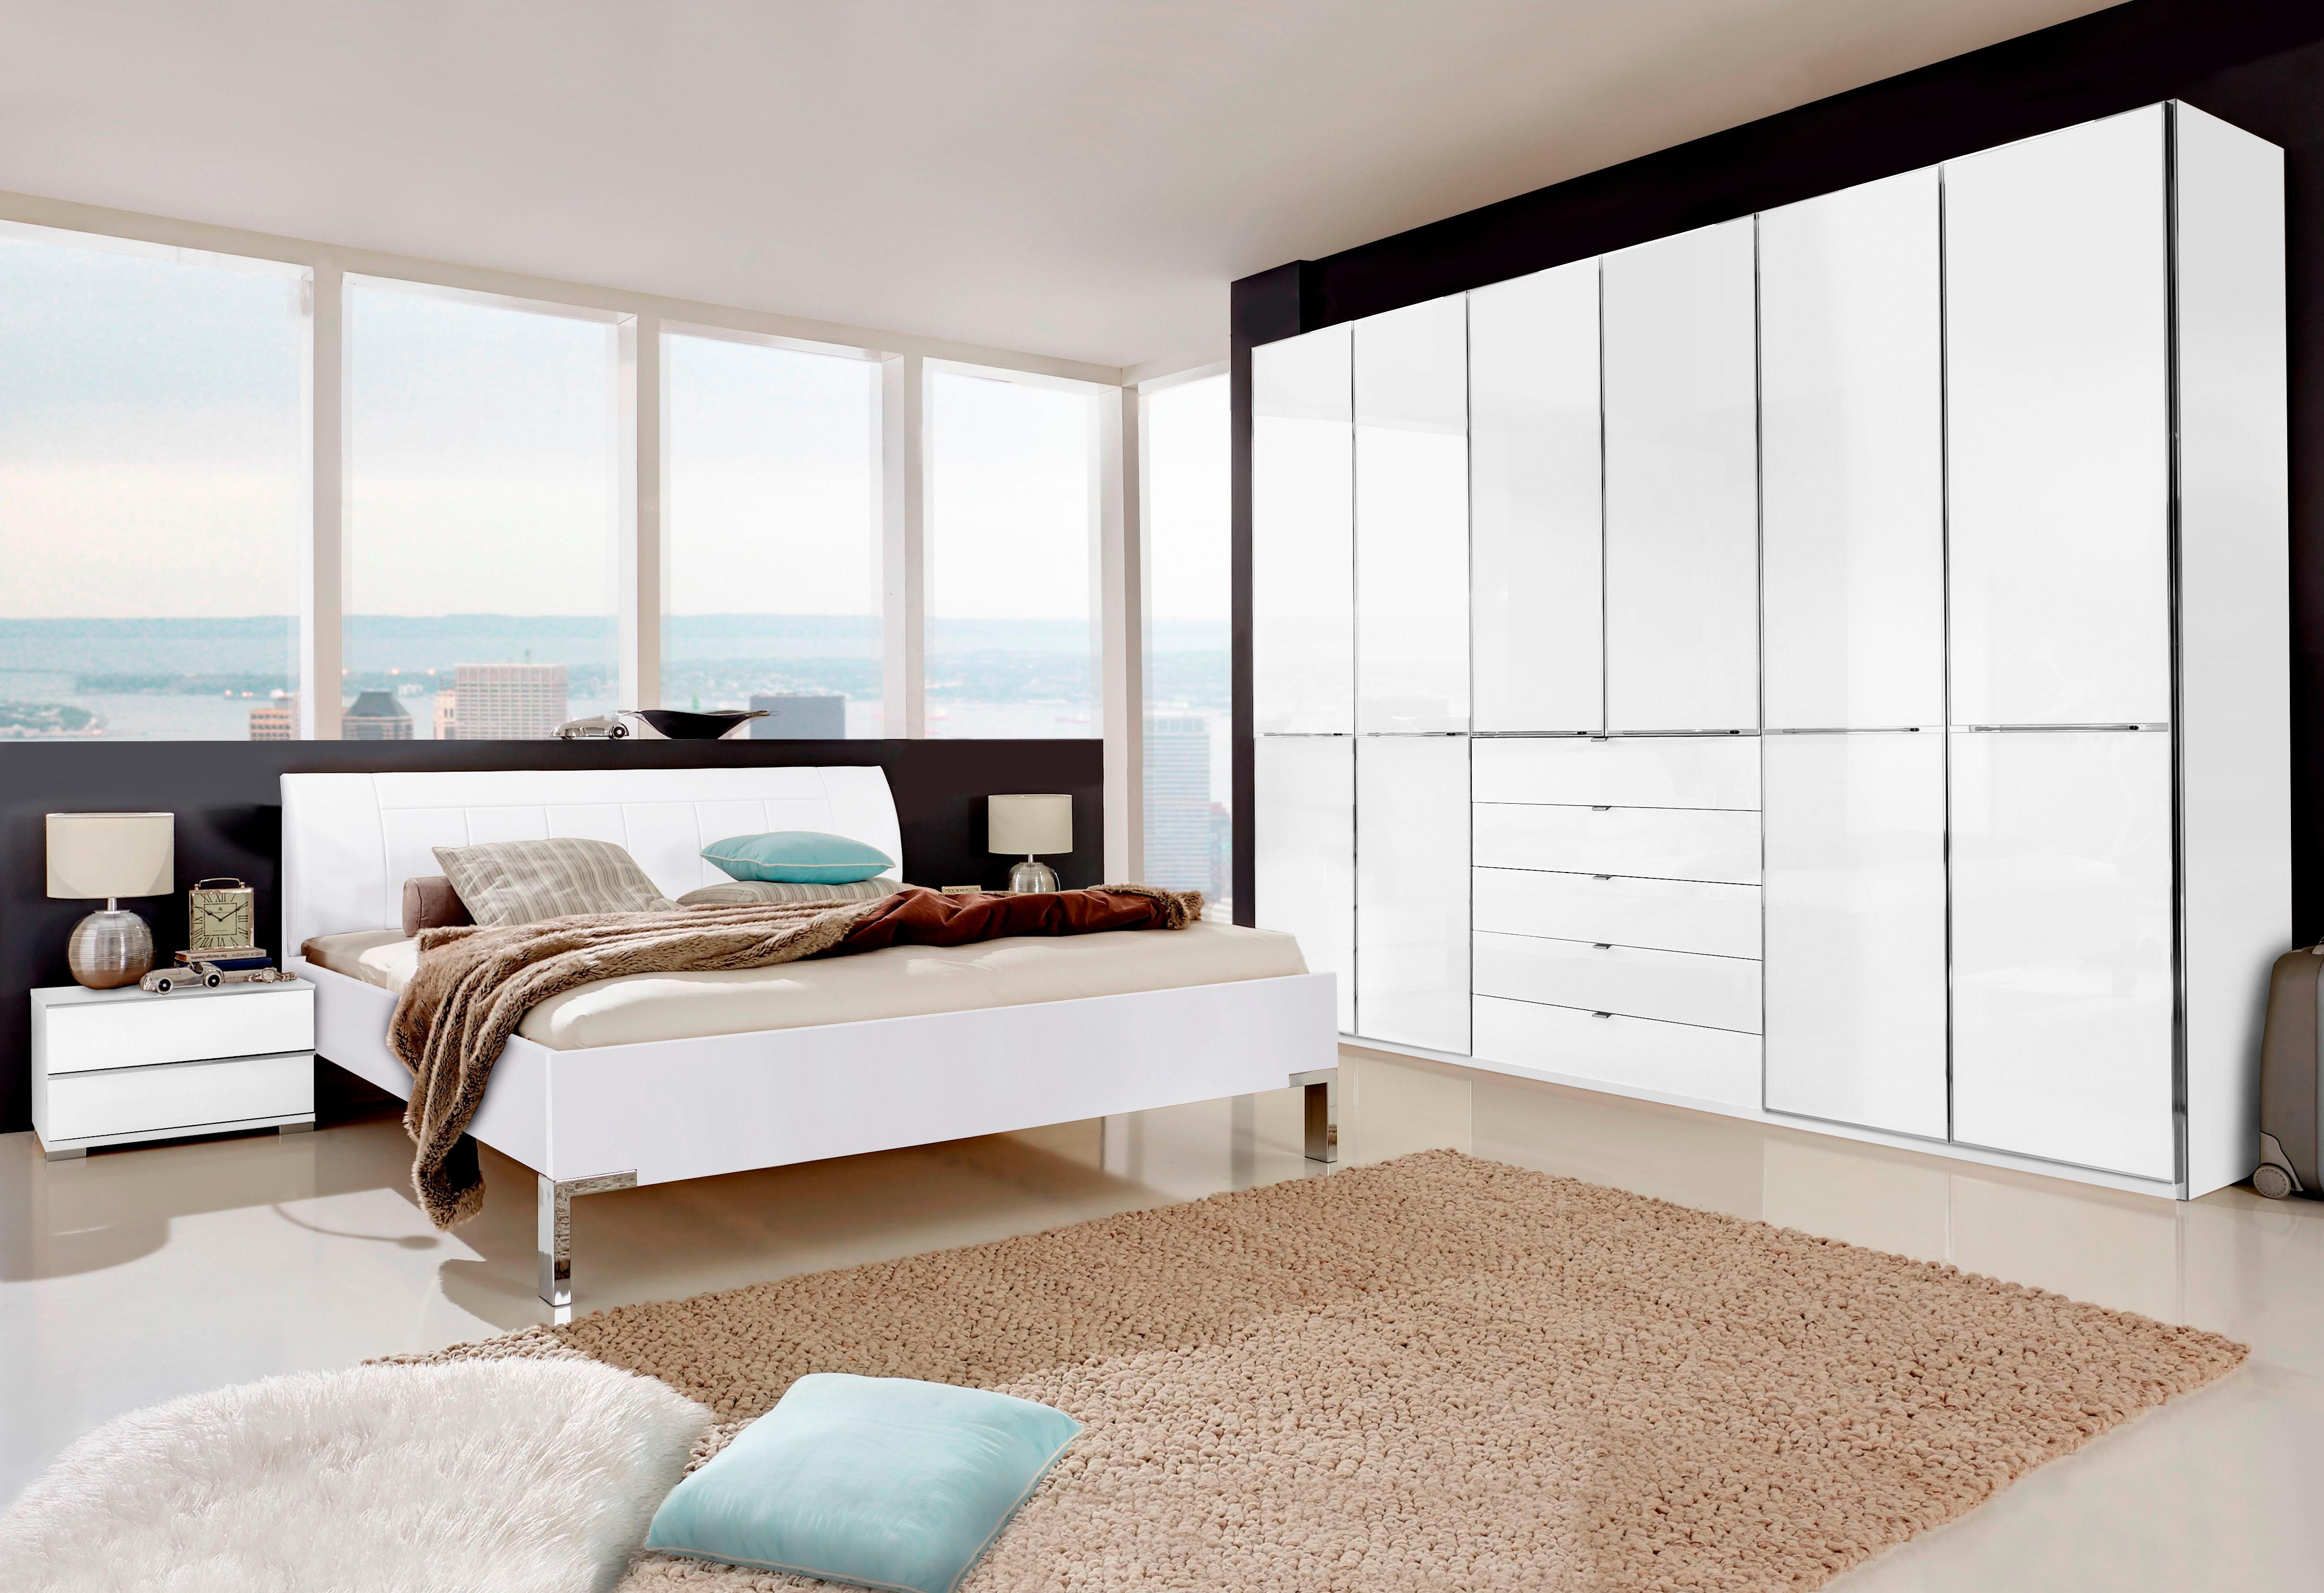 Wiemann Komplett-Schlafzimmer online kaufen   Möbel-Suchmaschine ...